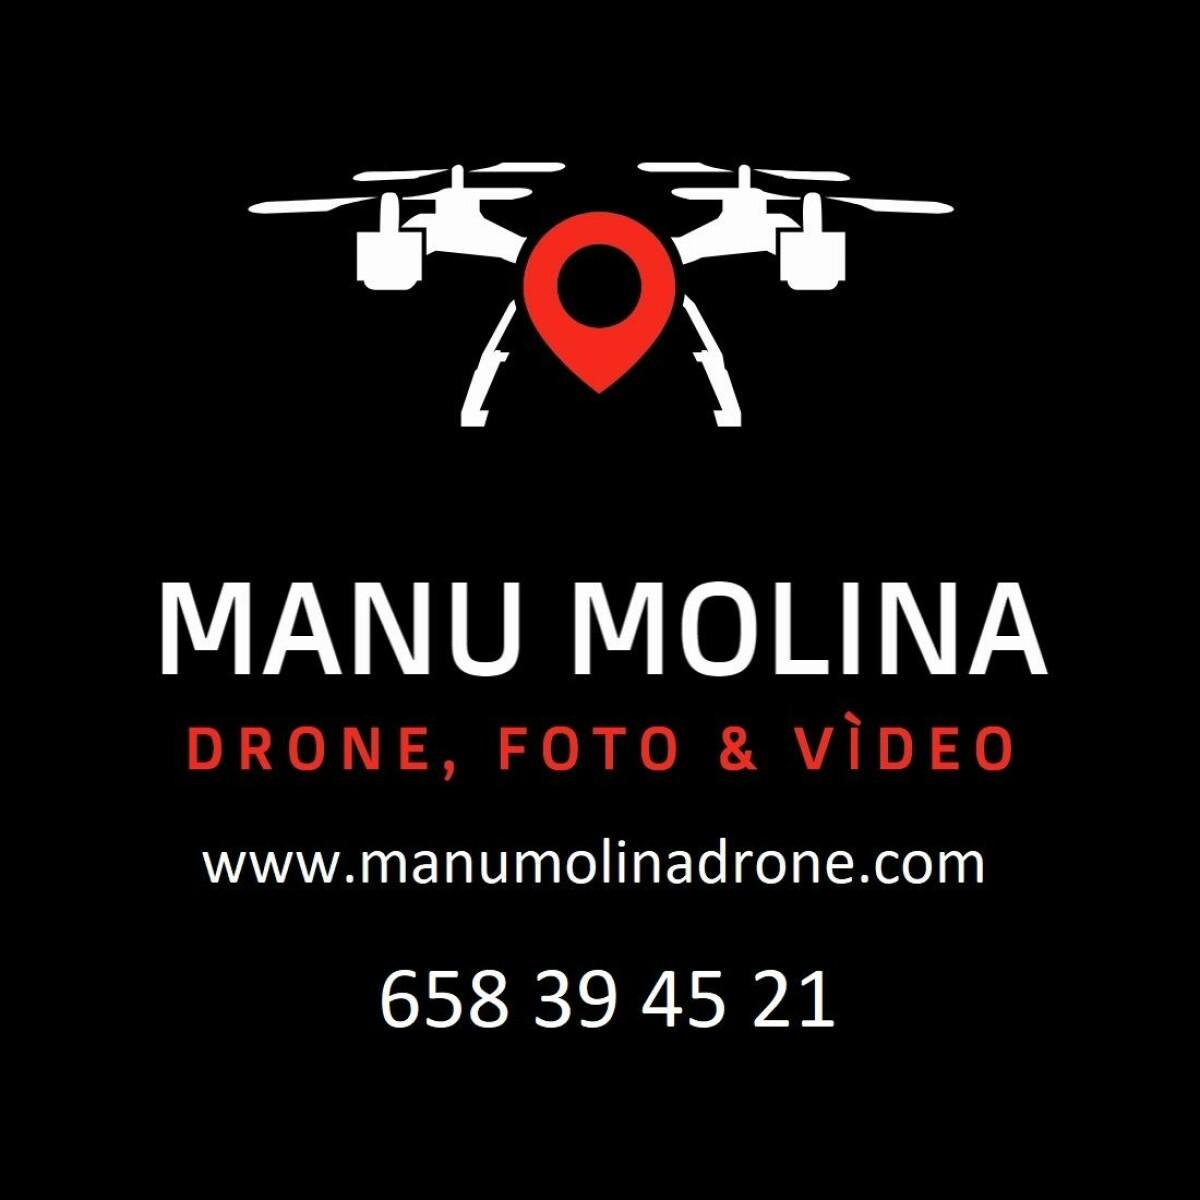 Manu Molina Drone